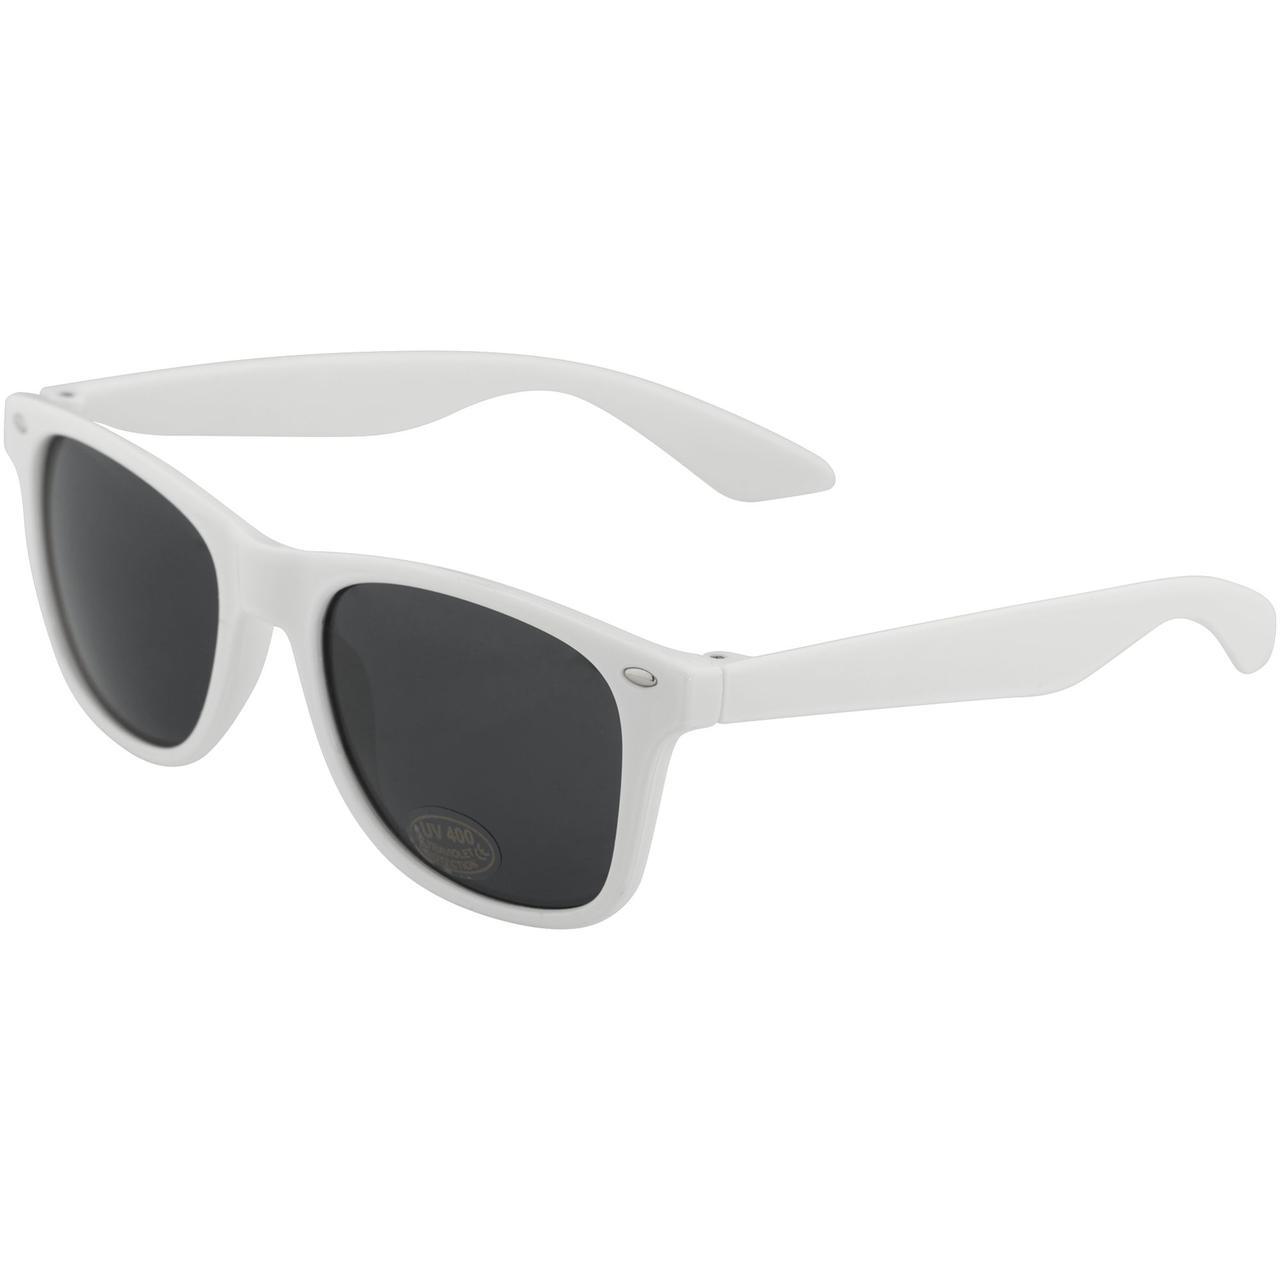 Очки солнцезащитные Sundance, белые (артикул 7036.60)